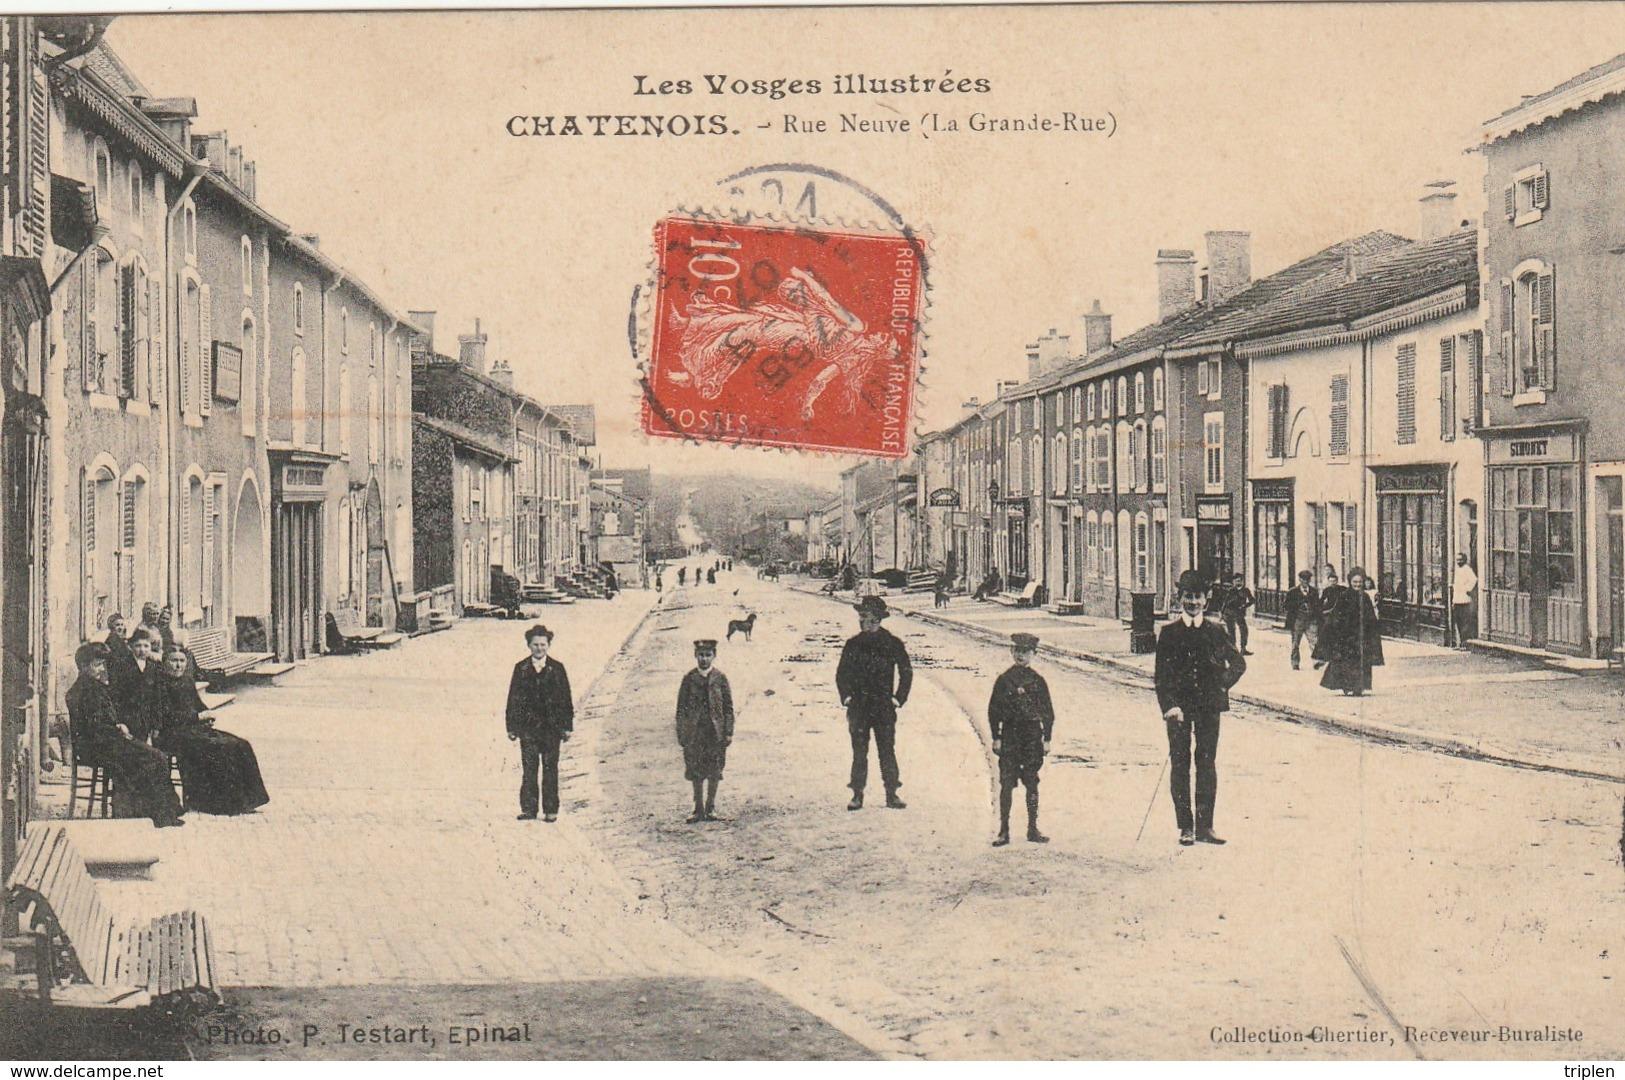 Chatenois - Rue Neuve (La Grande-Rue) - Chatenois